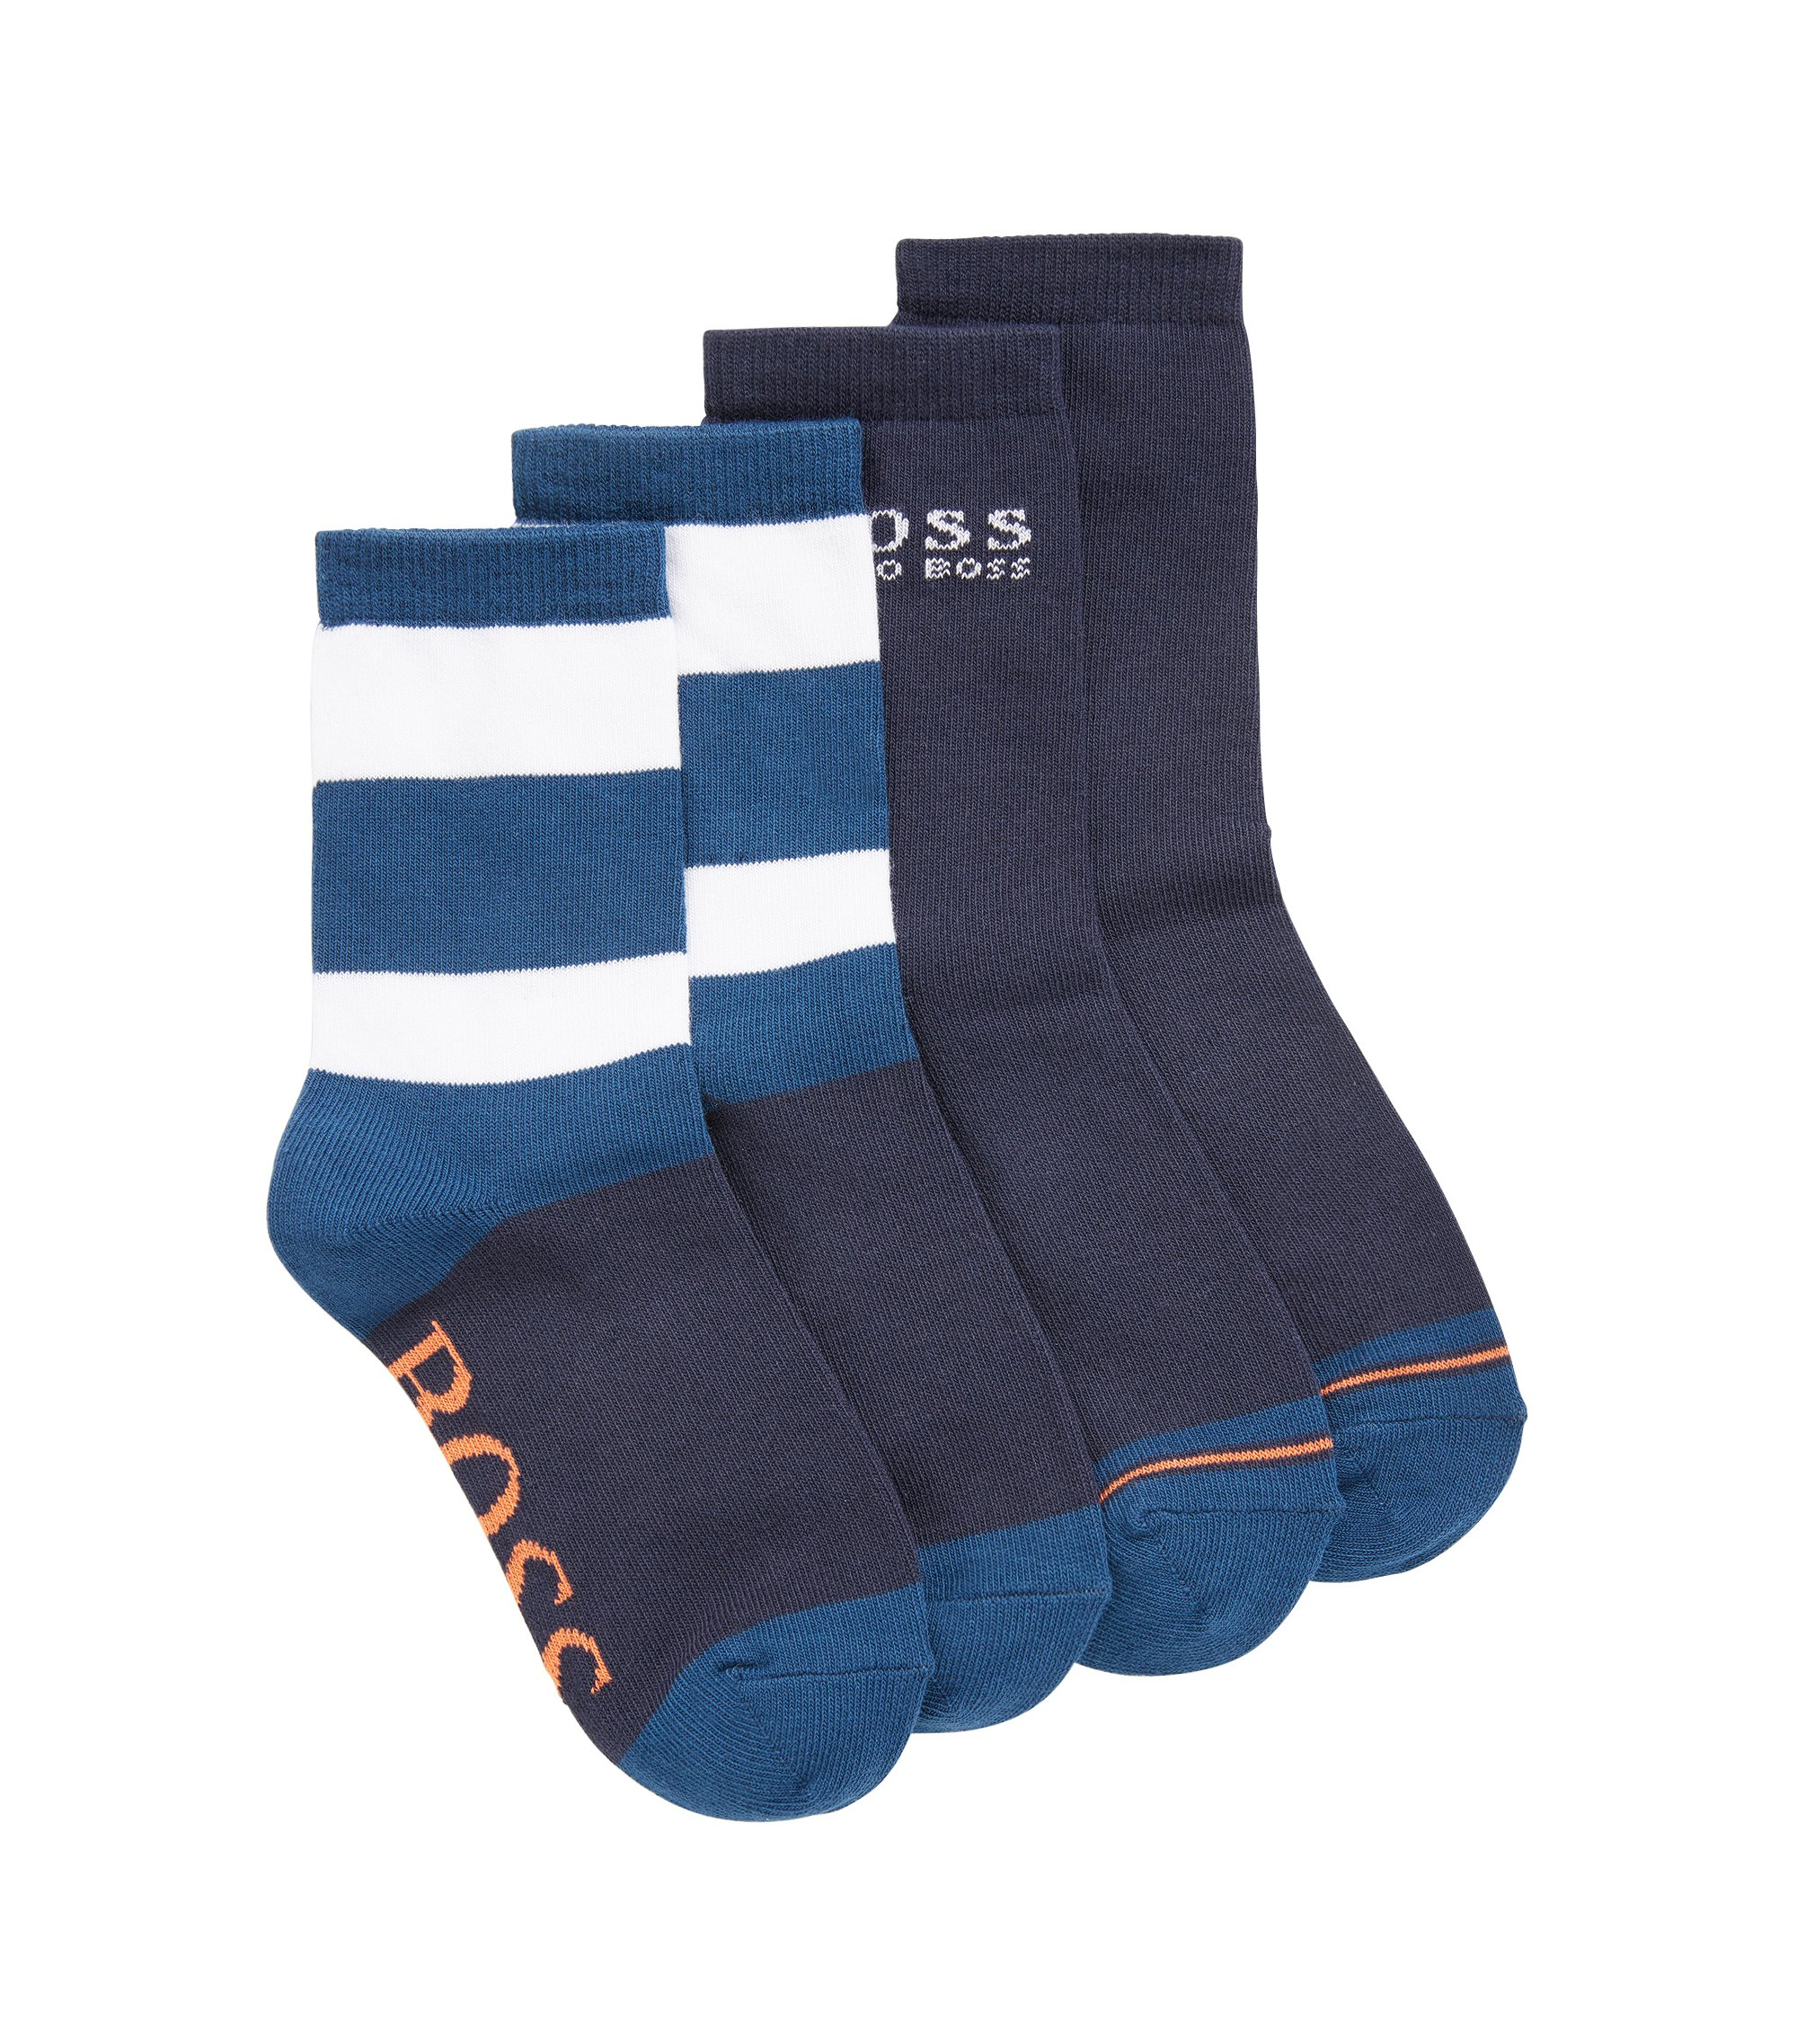 Kids-Socken aus elastischem Baumwoll-Mix im Zweier-Pack, Dunkelblau